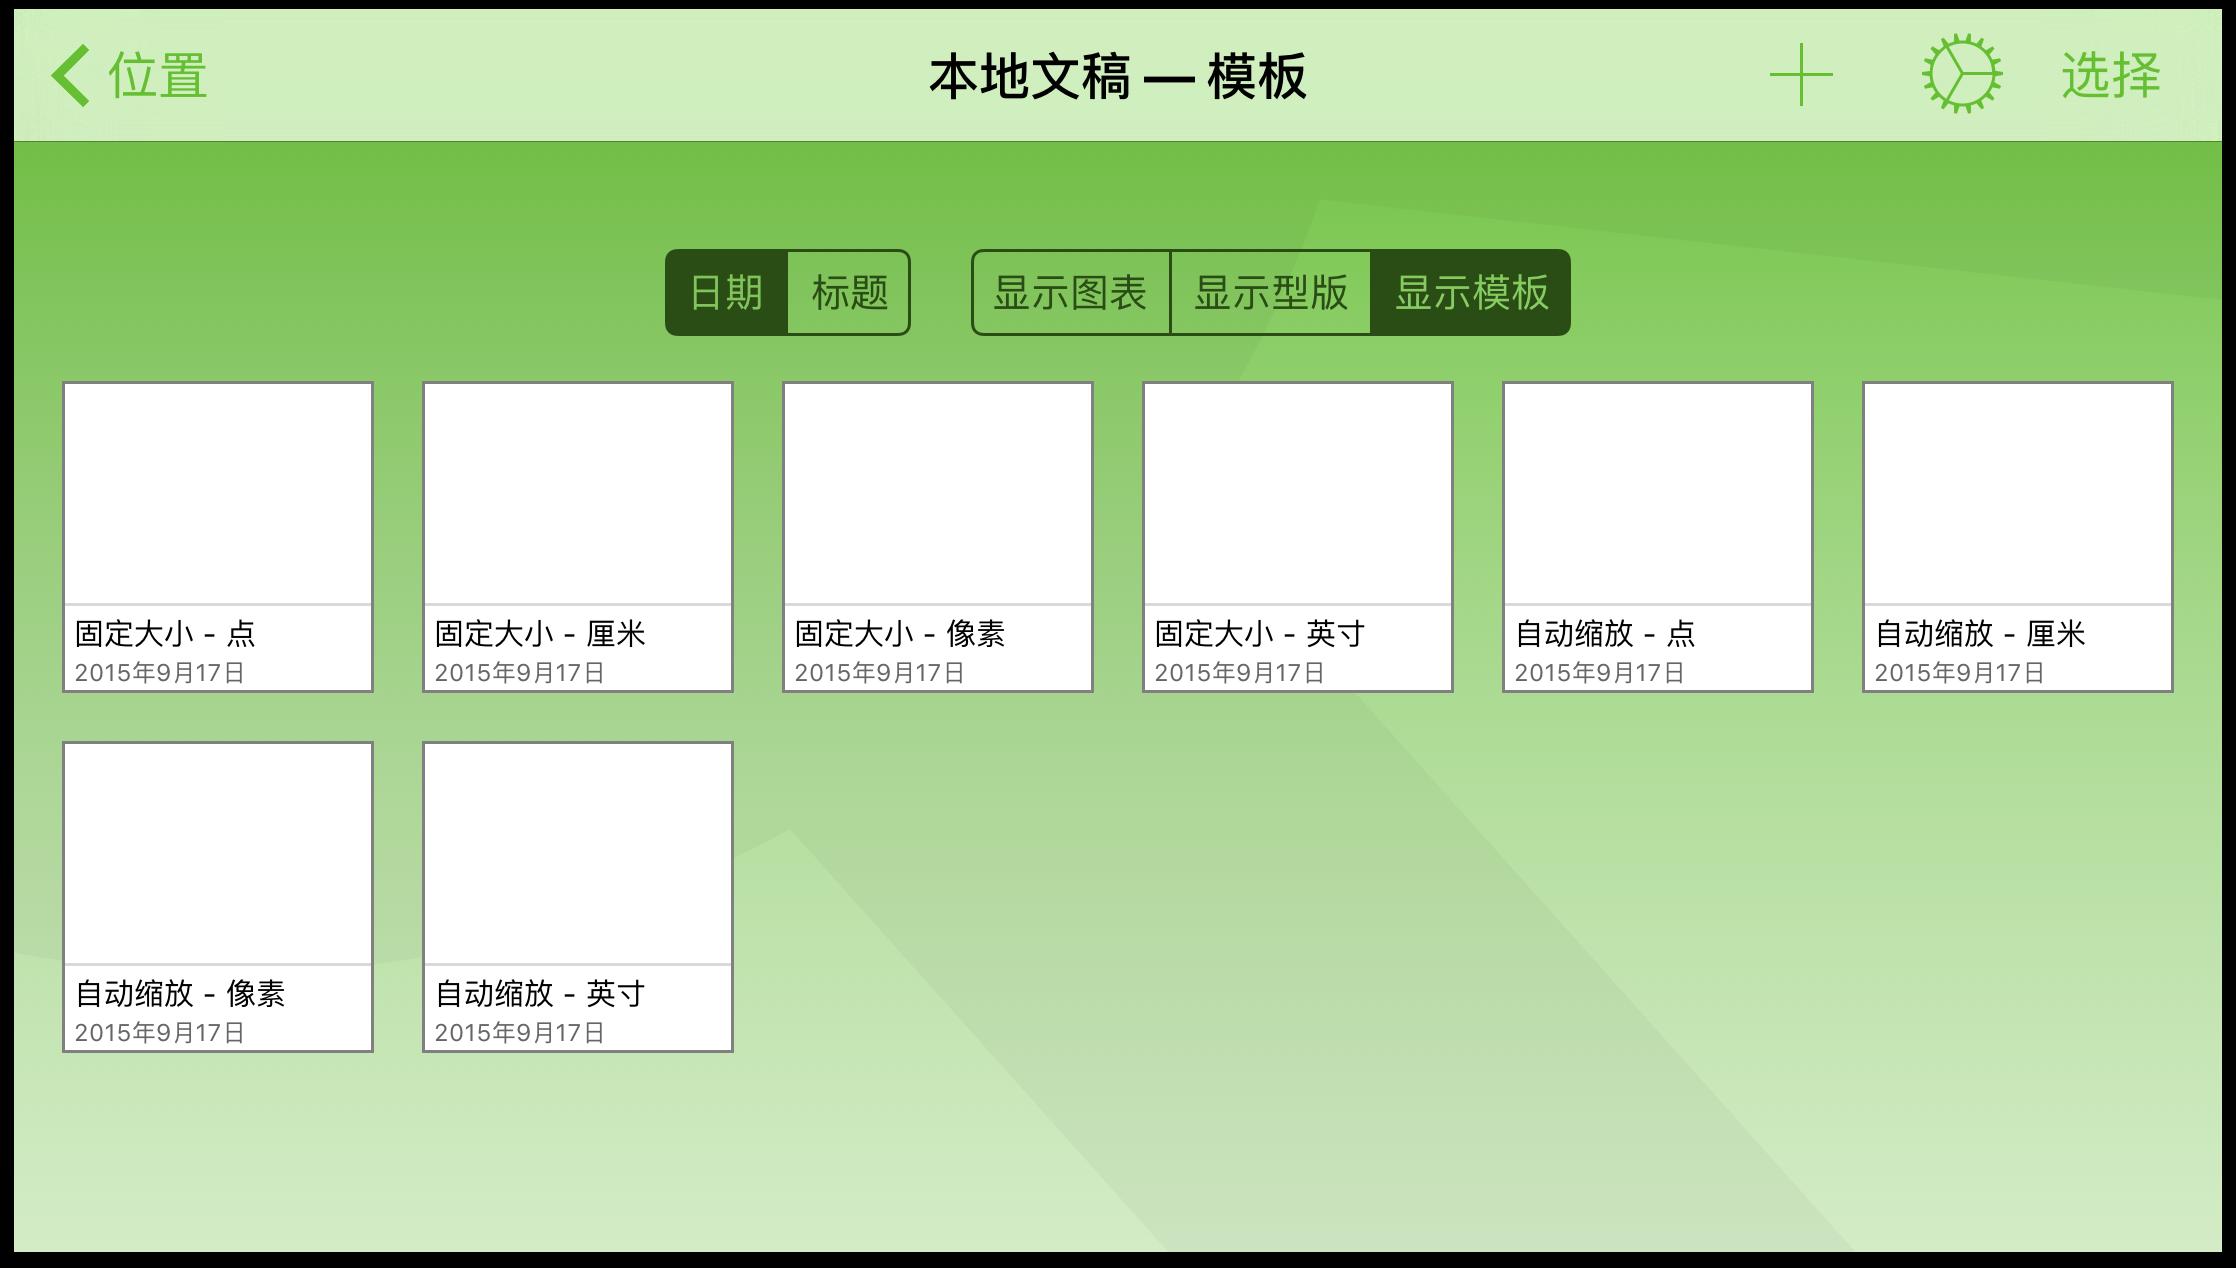 轻按显示模板可以看到可用的模板。